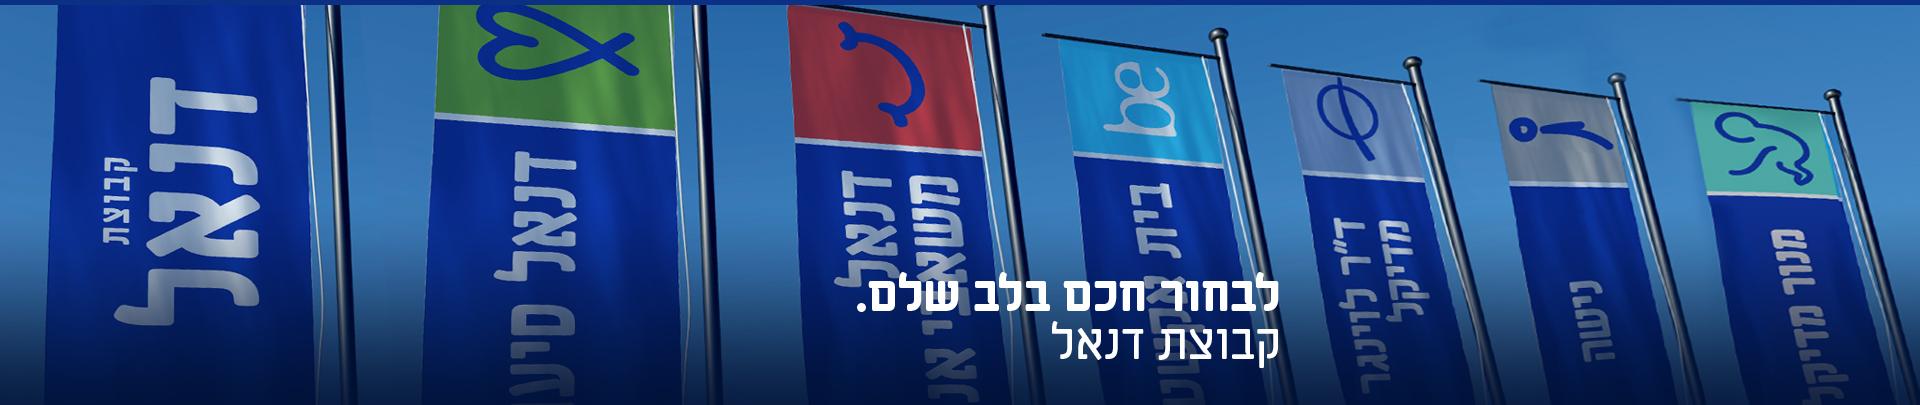 דגלי לוגו של חברות קבוצת דנאל. לבחור חכם בלב שלם